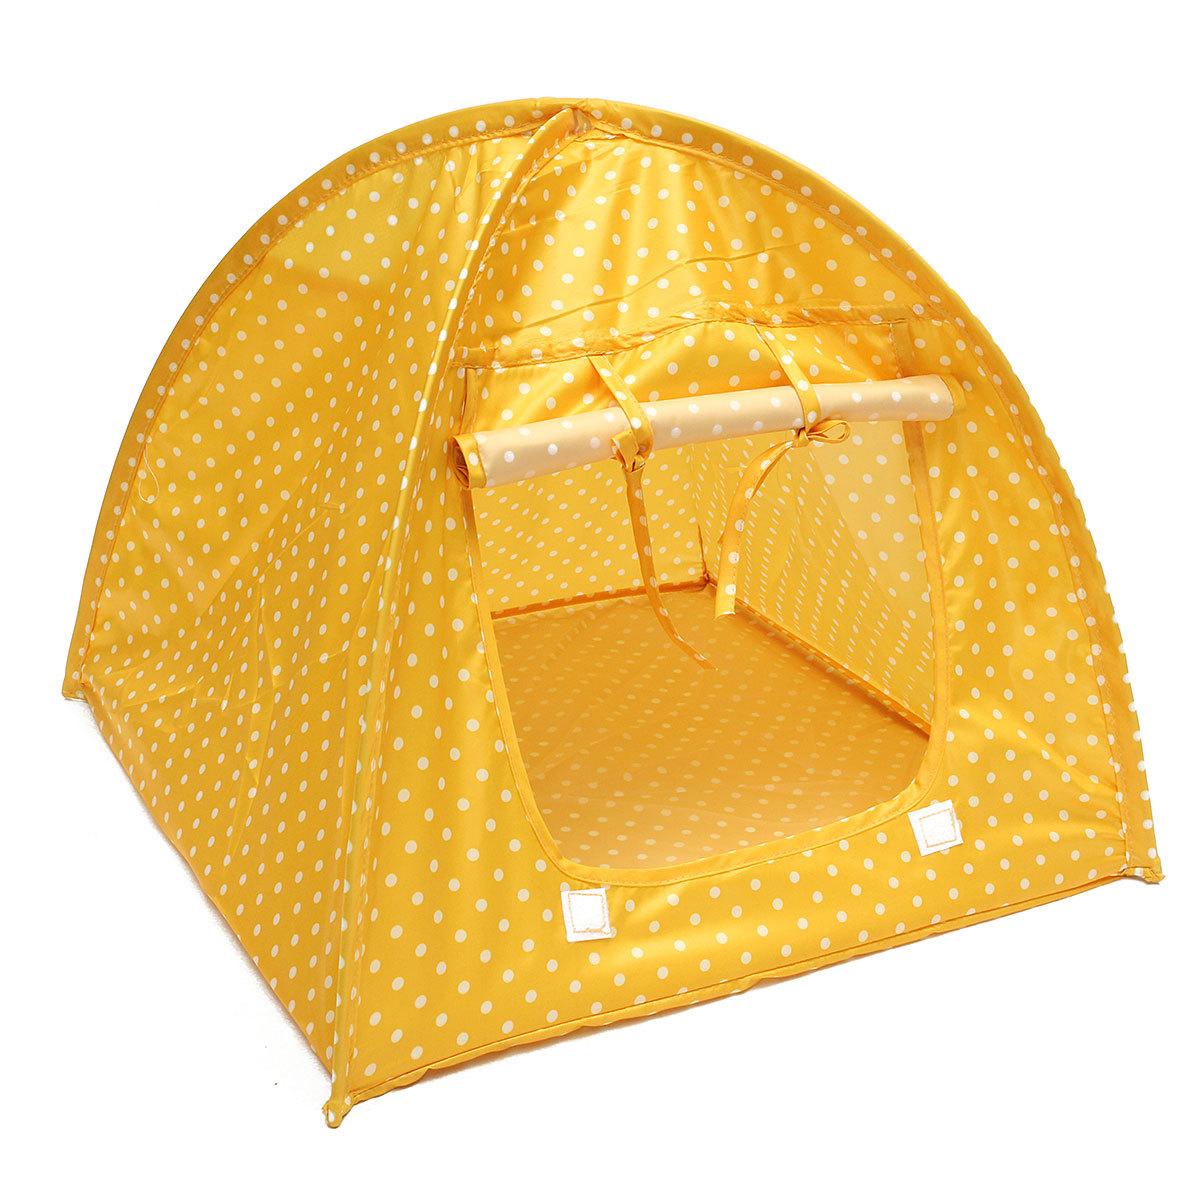 Luar Ruangan Kandang Lipat Kucing Pet Lembut Tempat Tidur Kucing Kamp Tenda Bermain .